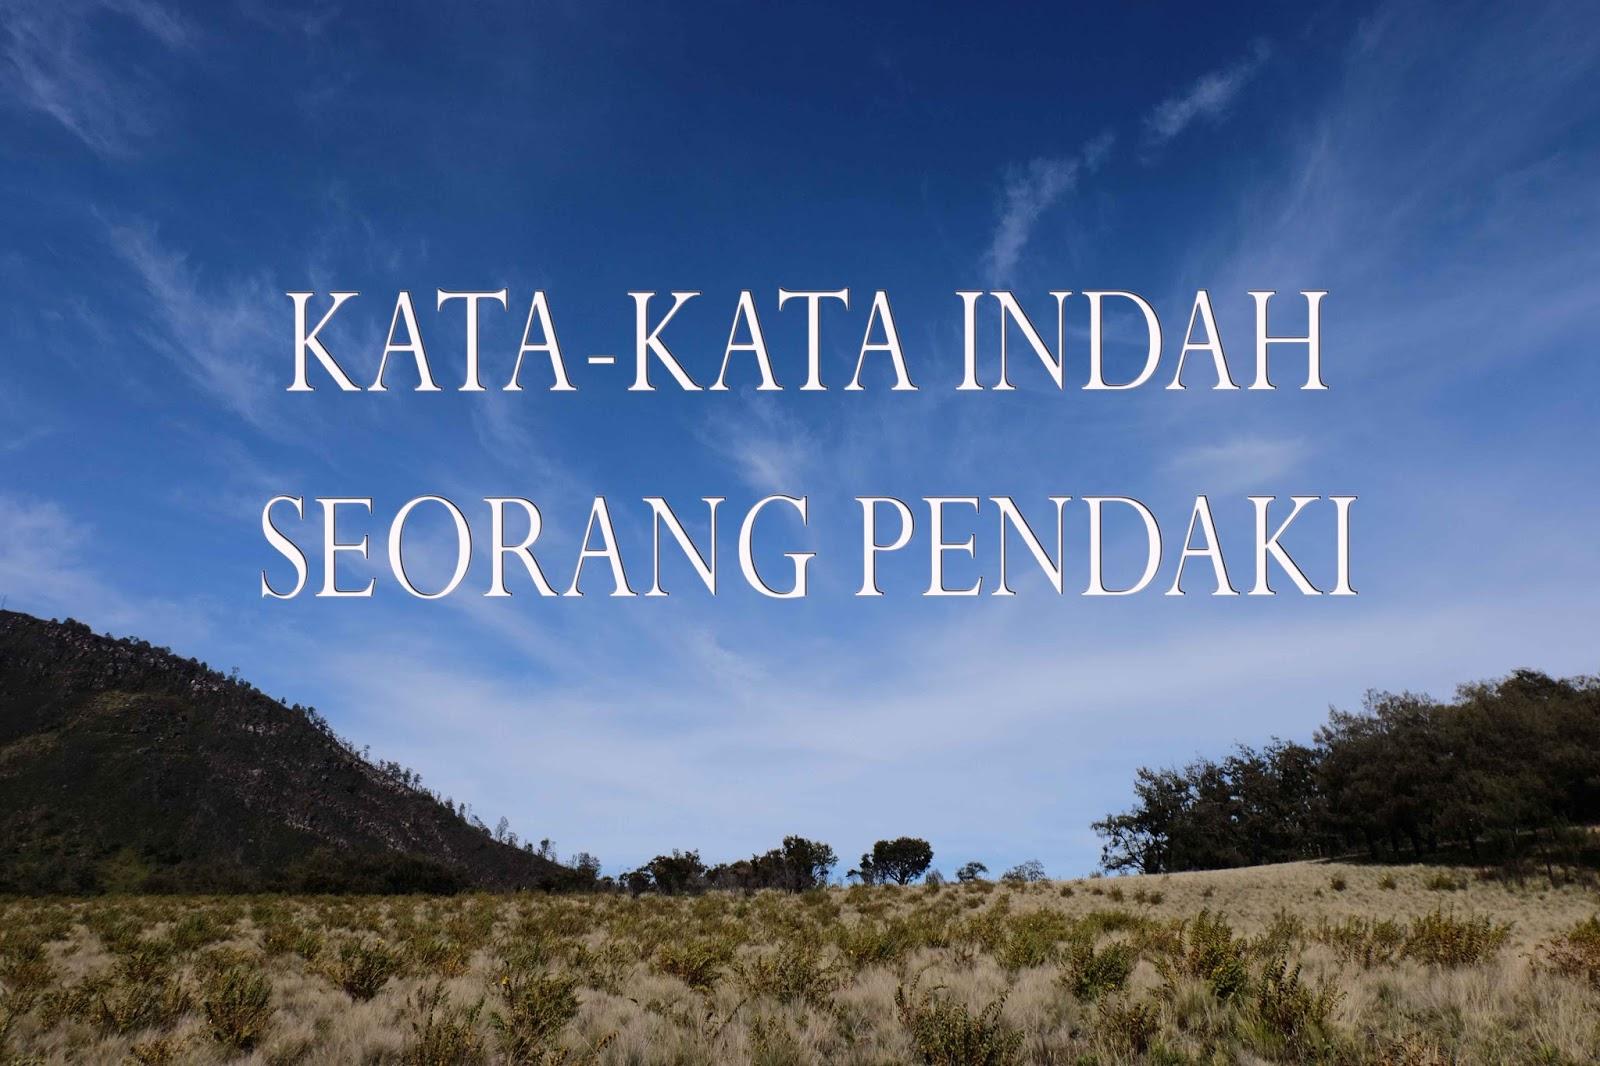 Kata Kata Seorang Pendaki Yang Menginspirasi Krakatau Jogja